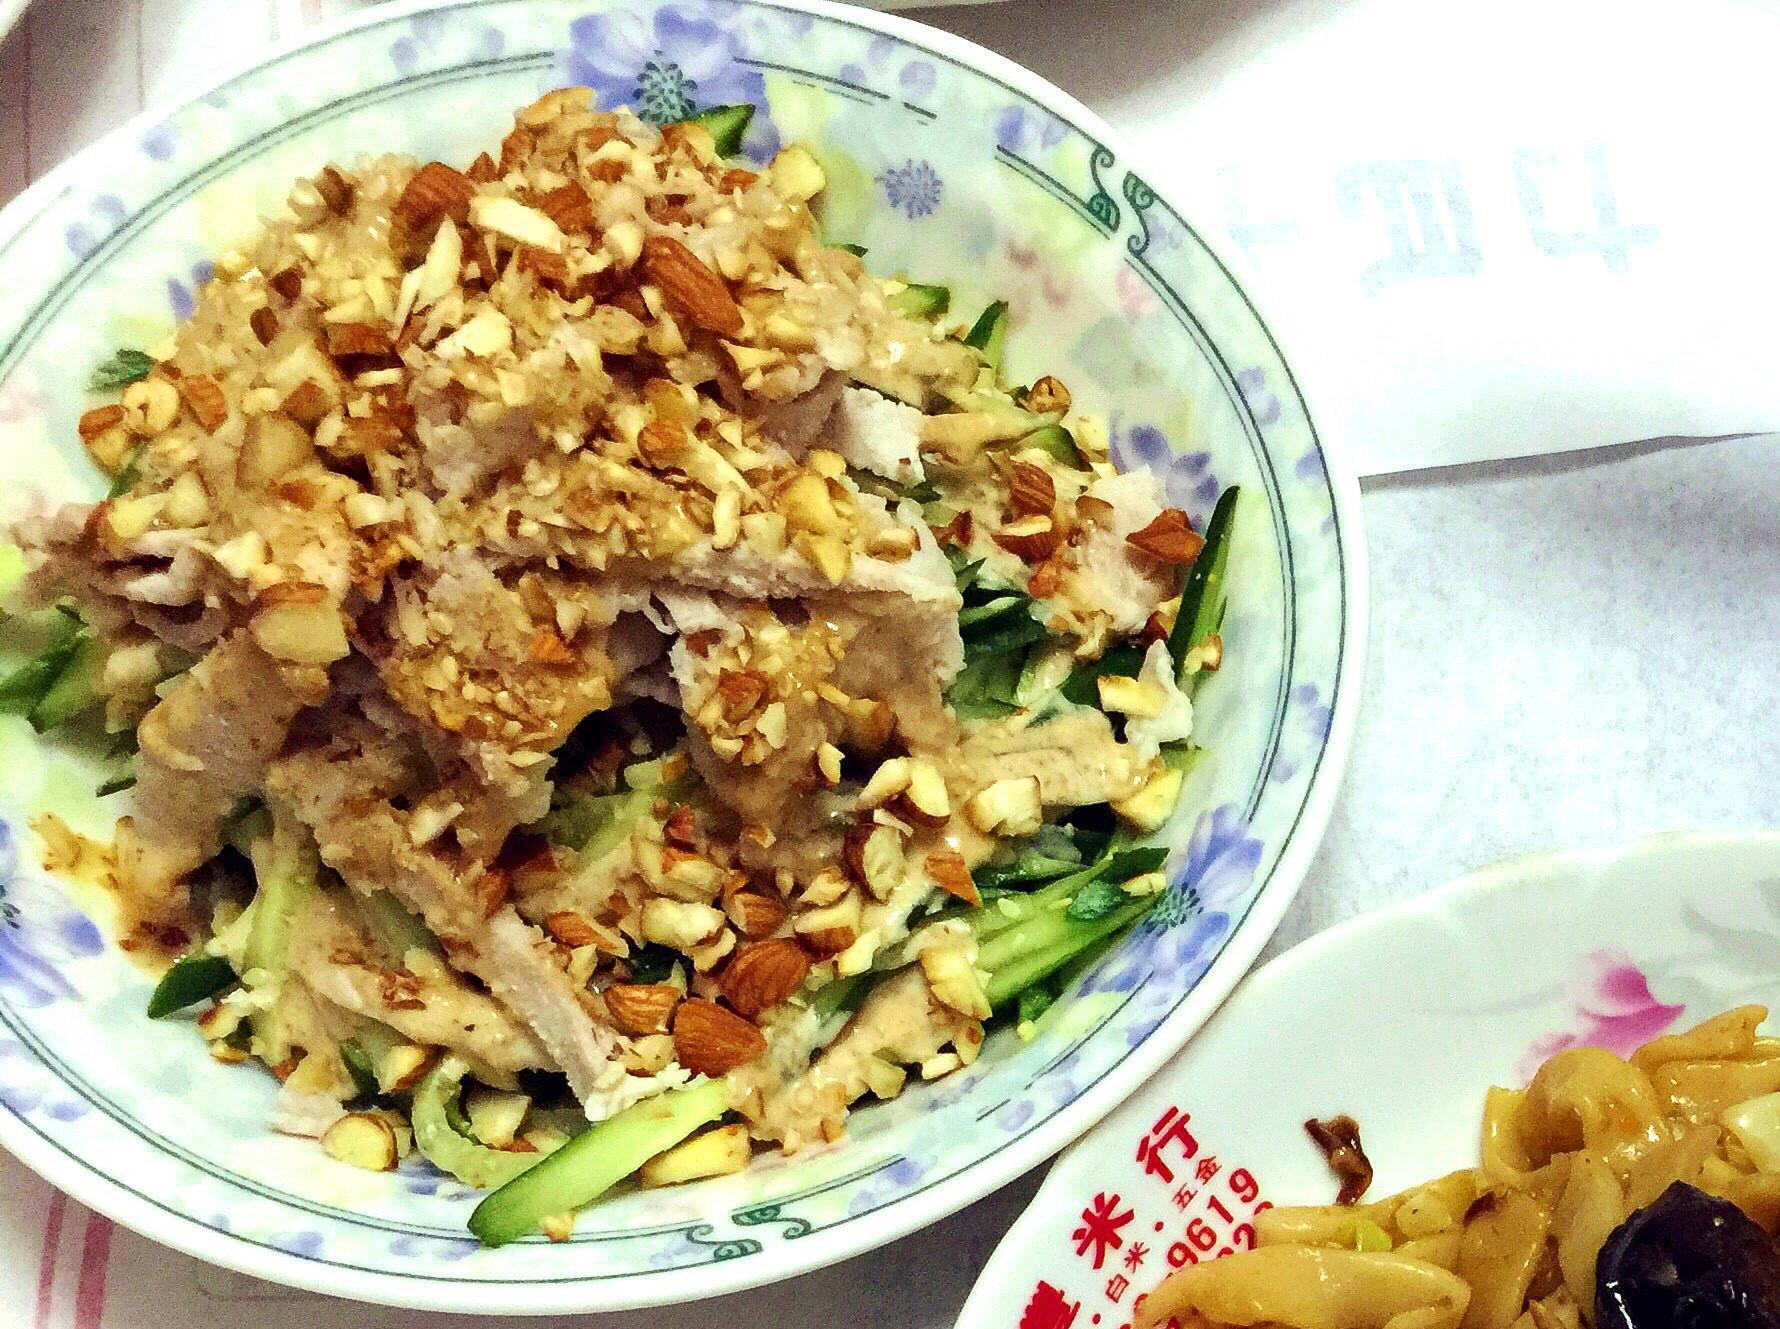 芝麻醬佐小黃瓜核桃里雞肉沙拉